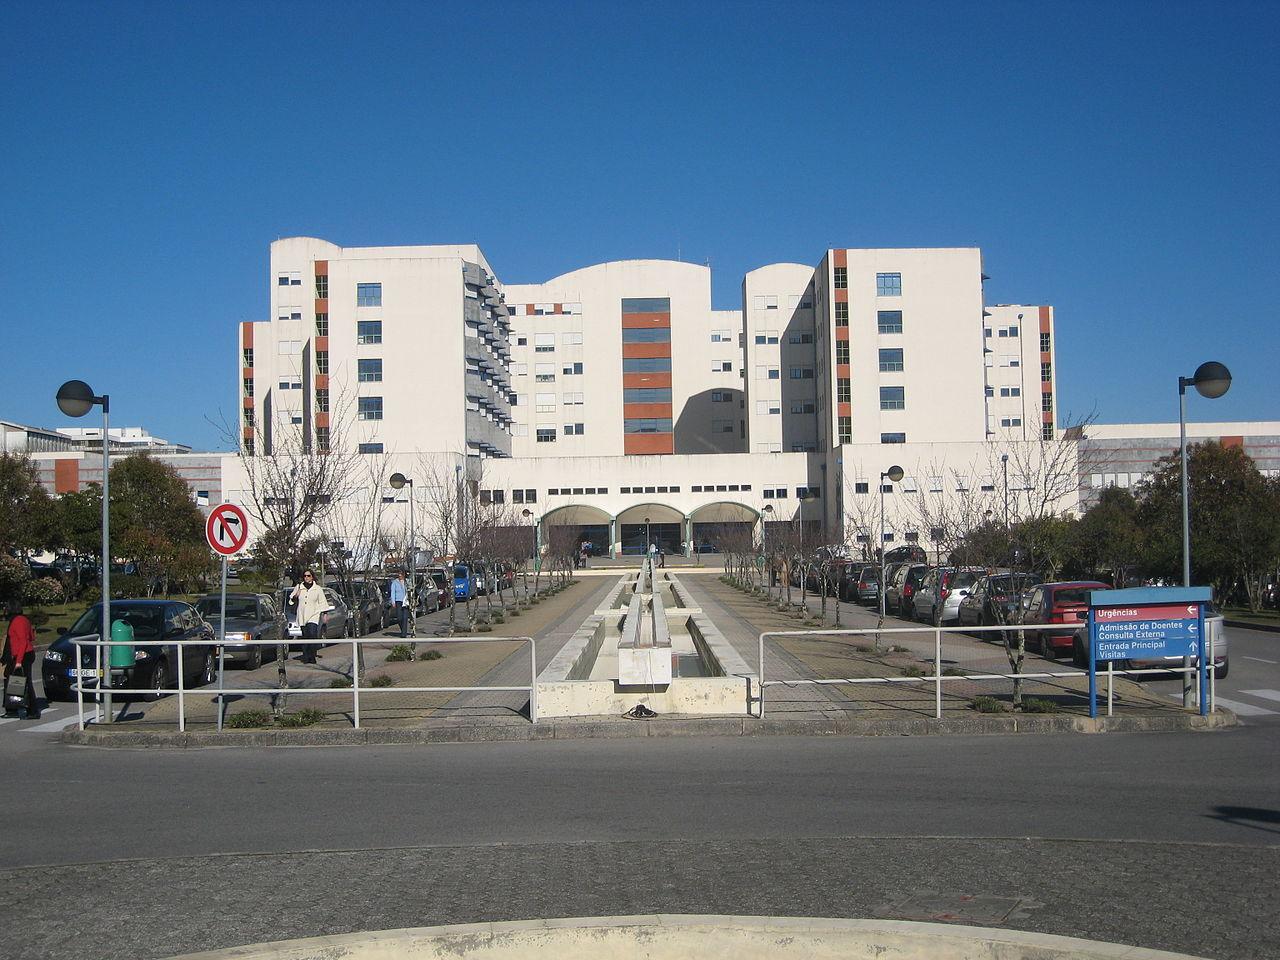 Hospital_São Teotónio_Viseu